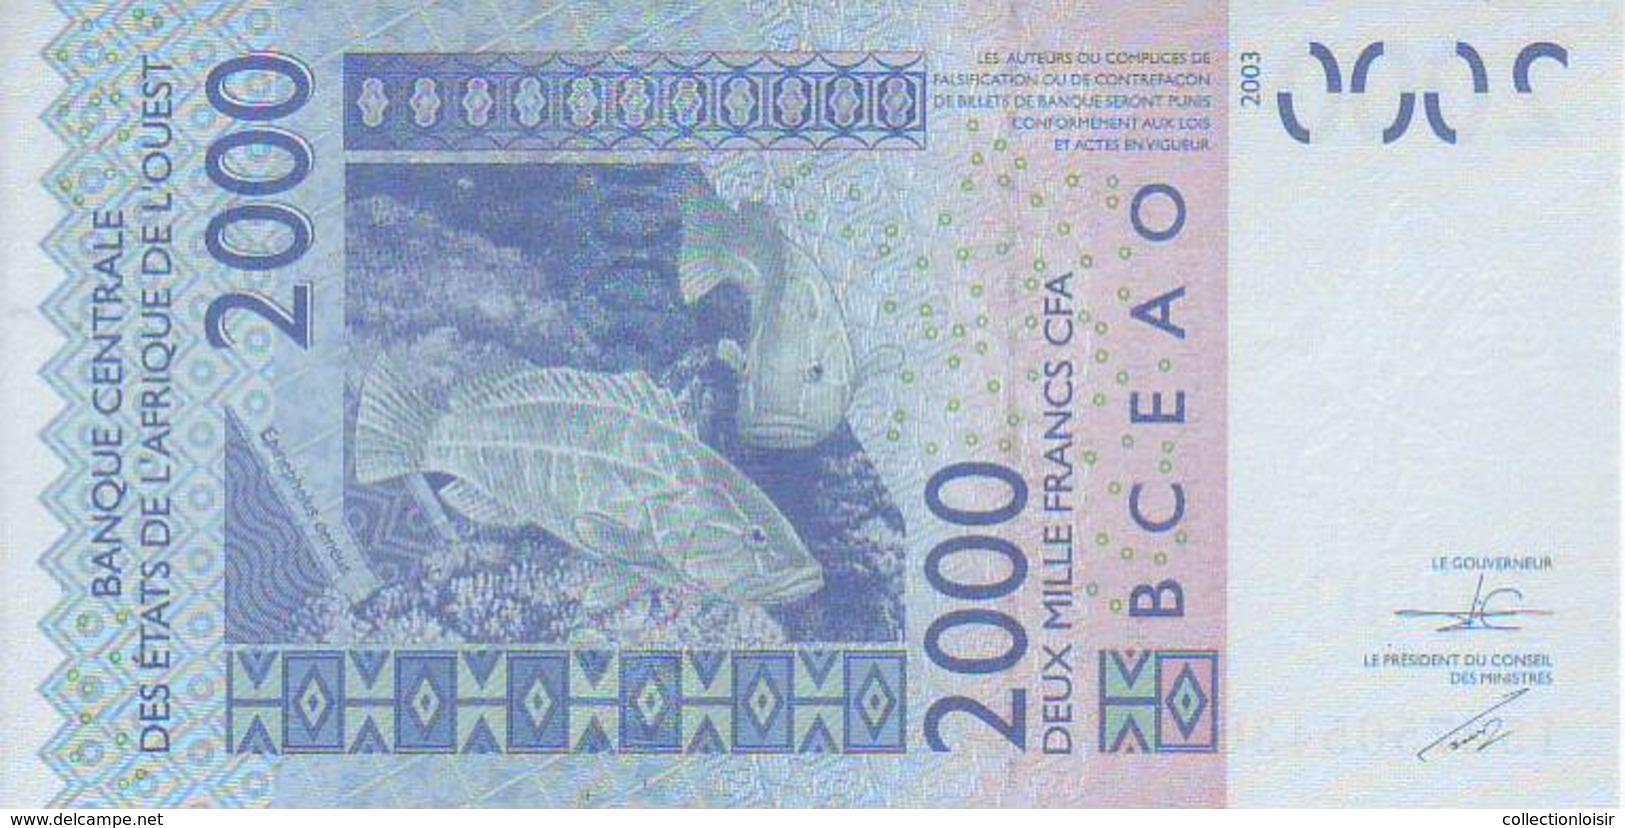 NEUF UNC !!!!  2.000  FRANCS  CFA  B.C.E.A.O 2015  LETTRE  A  (  COTE  D´ IVOIRE  ) - Côte D'Ivoire